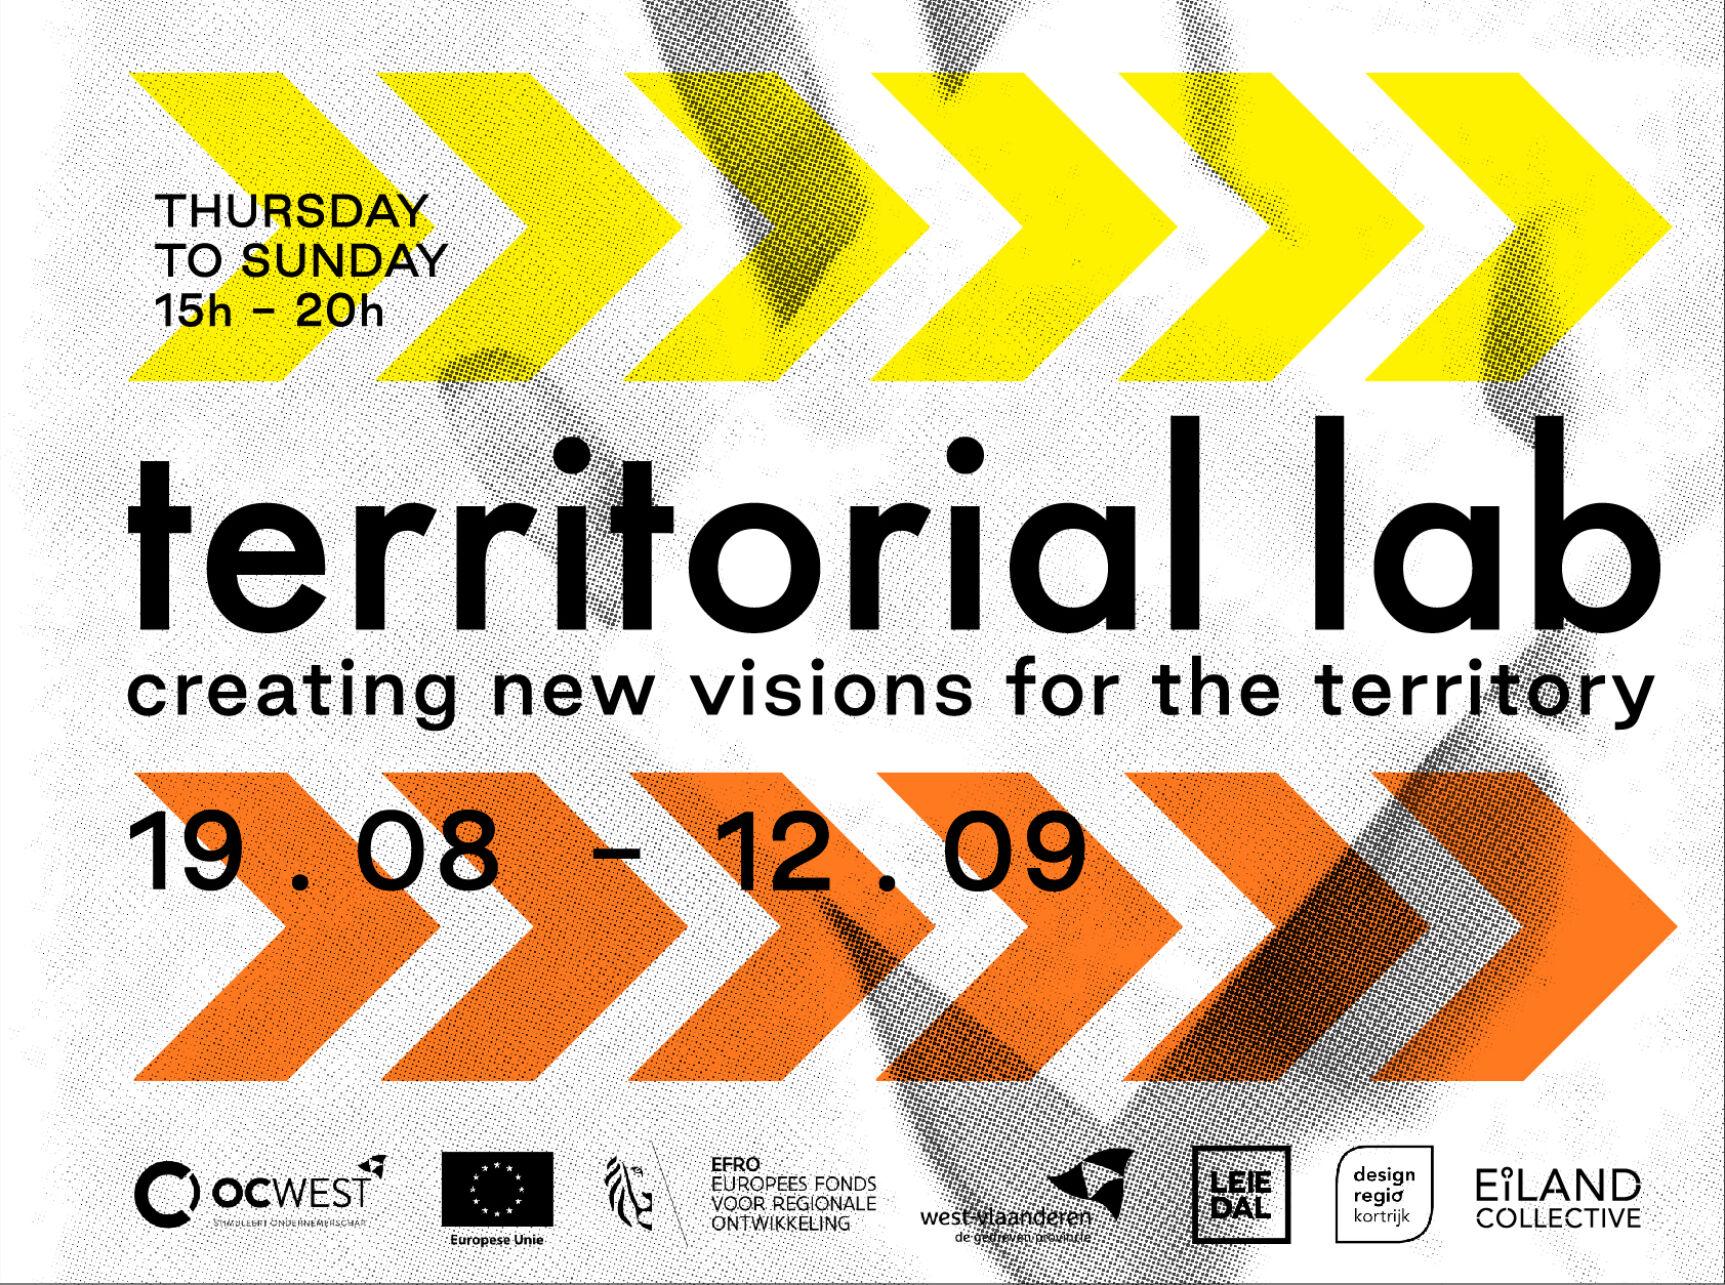 Territorial lab facebook 2